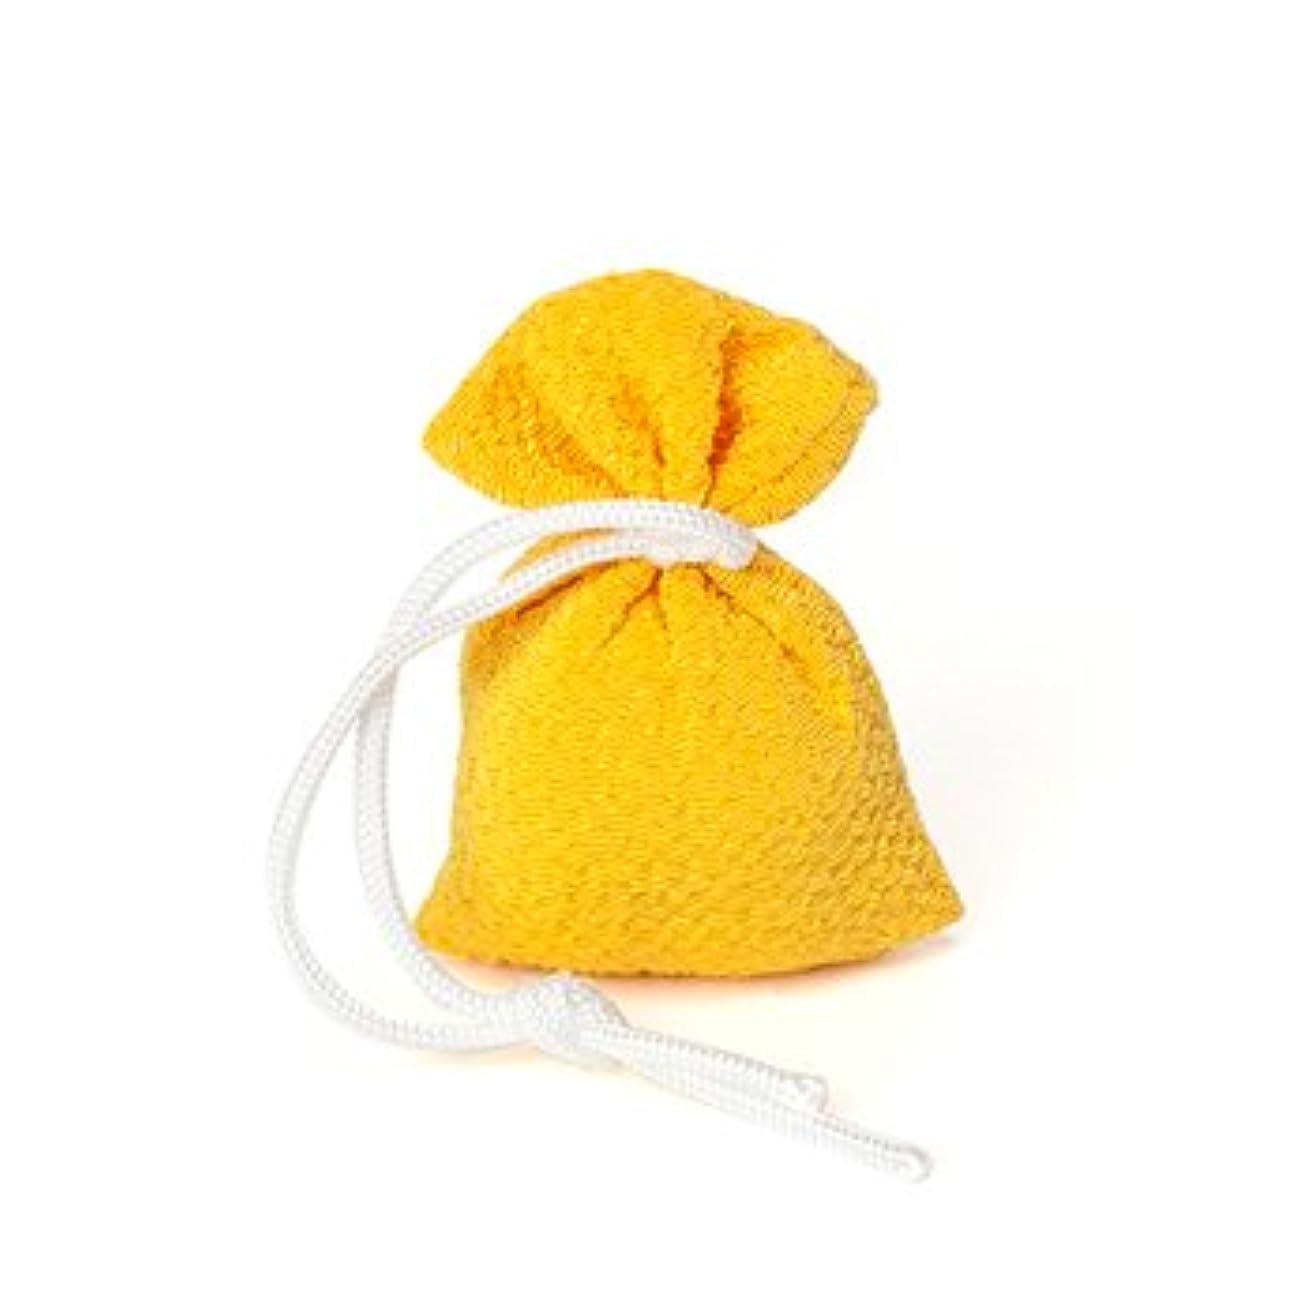 ために差別する啓発する松栄堂 匂い袋 誰が袖 携帯用 1個入 ケースなし (色をお選びください) (黄)